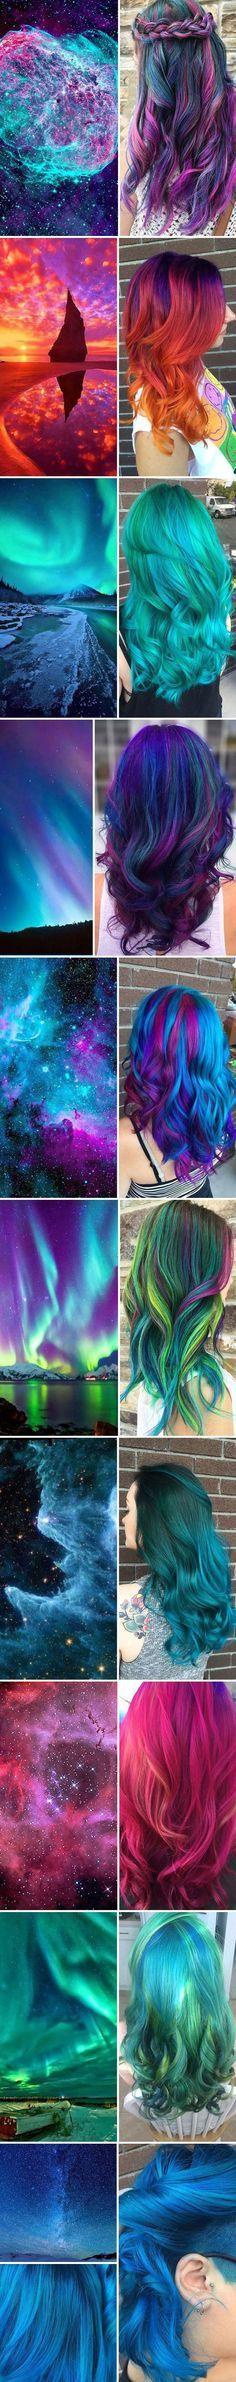 Diese Haare sind aus einer anderen Galaxie   Webfail - Fail Bilder und Fail Videos